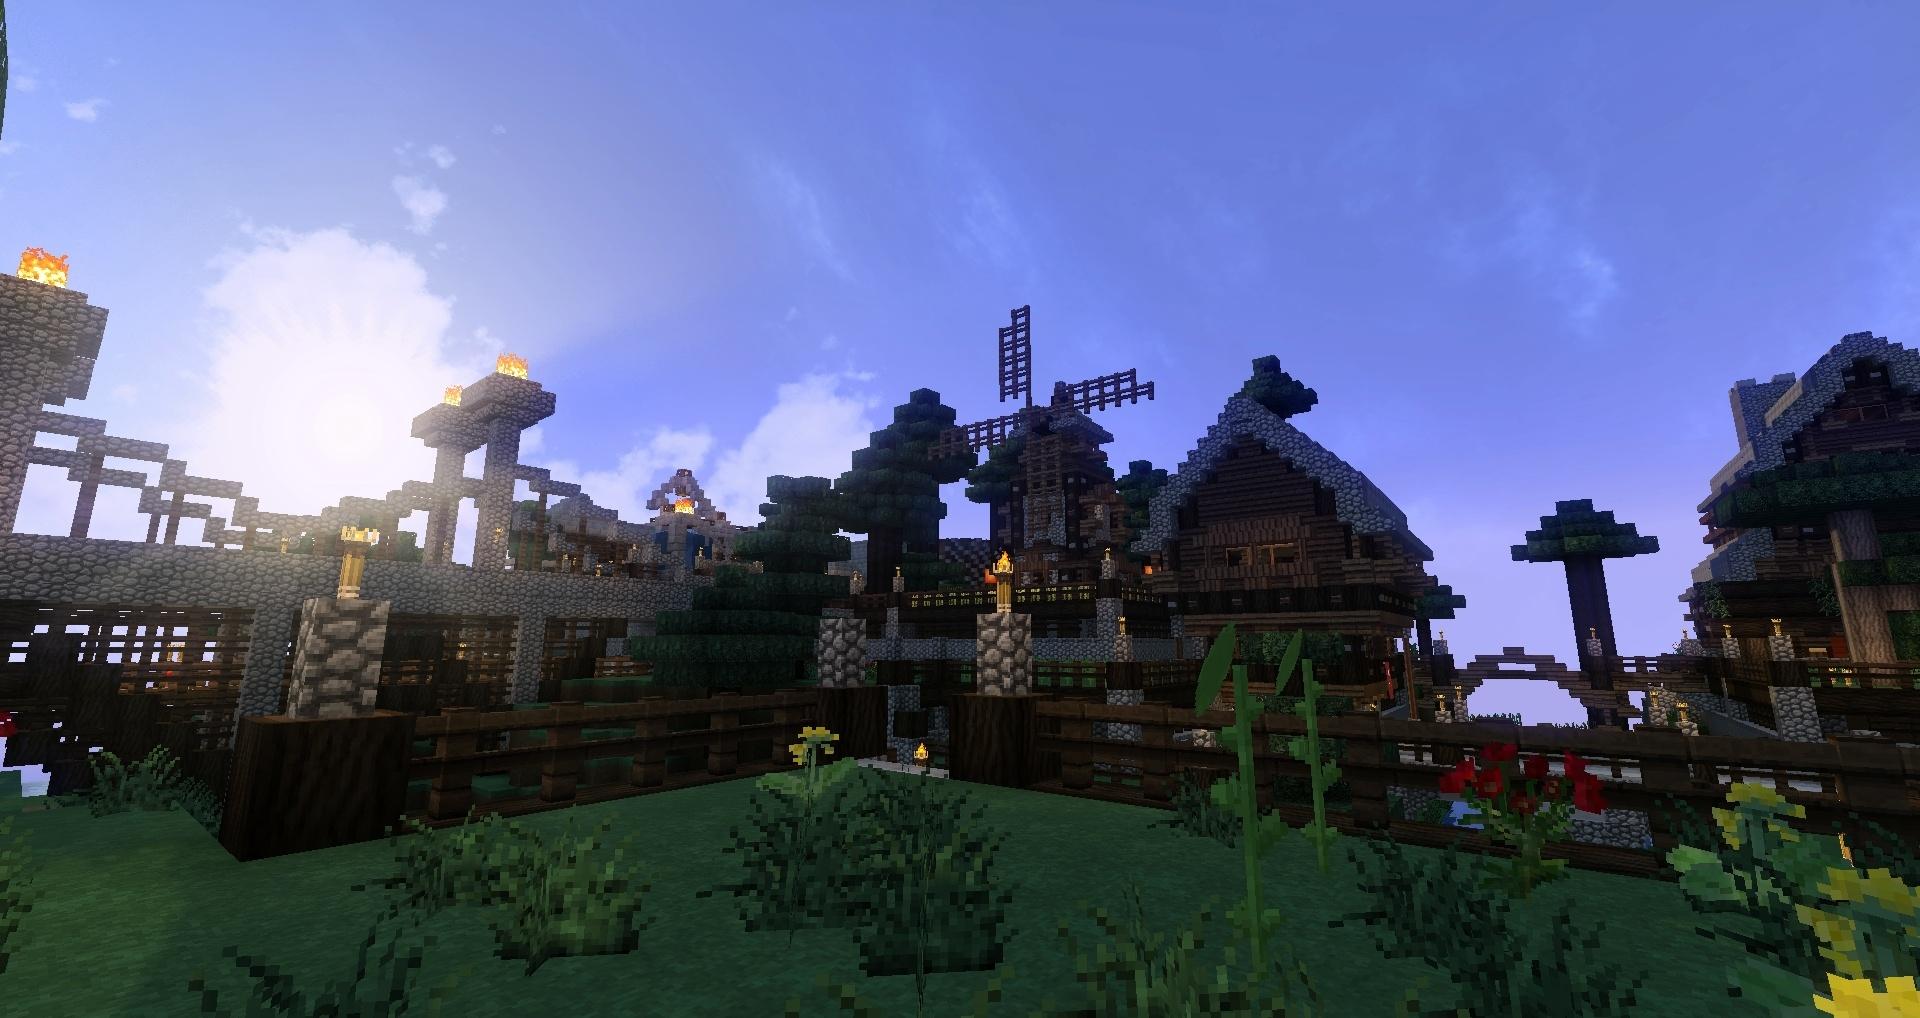 Une bien belle ville ornée de son moulin Gg !